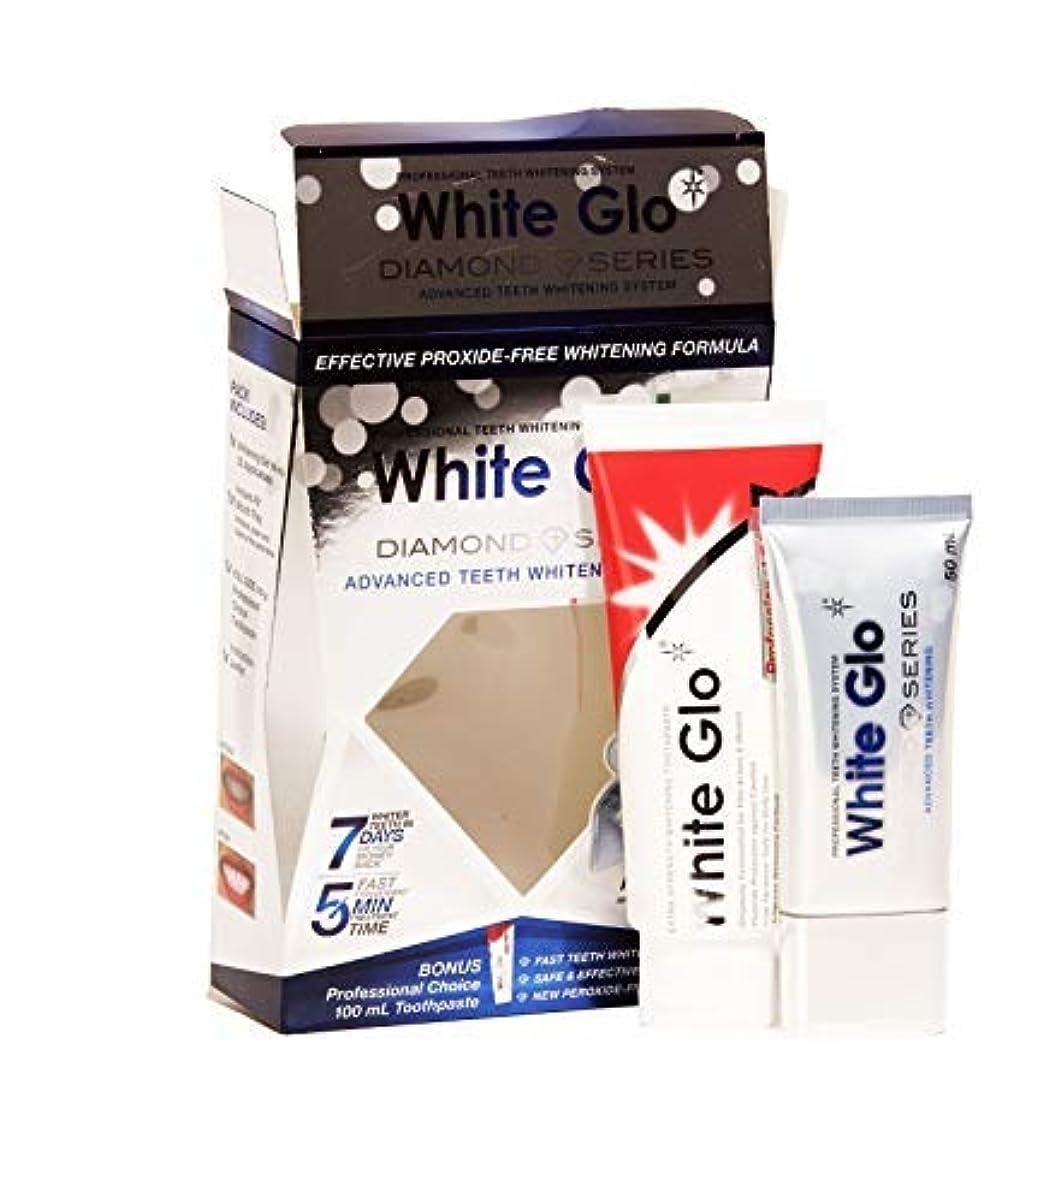 比喩上に築きますトリッキーTeeth Whitening Systems White Glo White Glo Diamond Series Bleaching Set Gel & Paste 50ml + 100ml Australia?/ 歯ホワイトニングシステムホワイトグロホワイトグロダイヤモンドシリーズ漂白セットジェル&ペースト50ml + 100mlオーストラリア